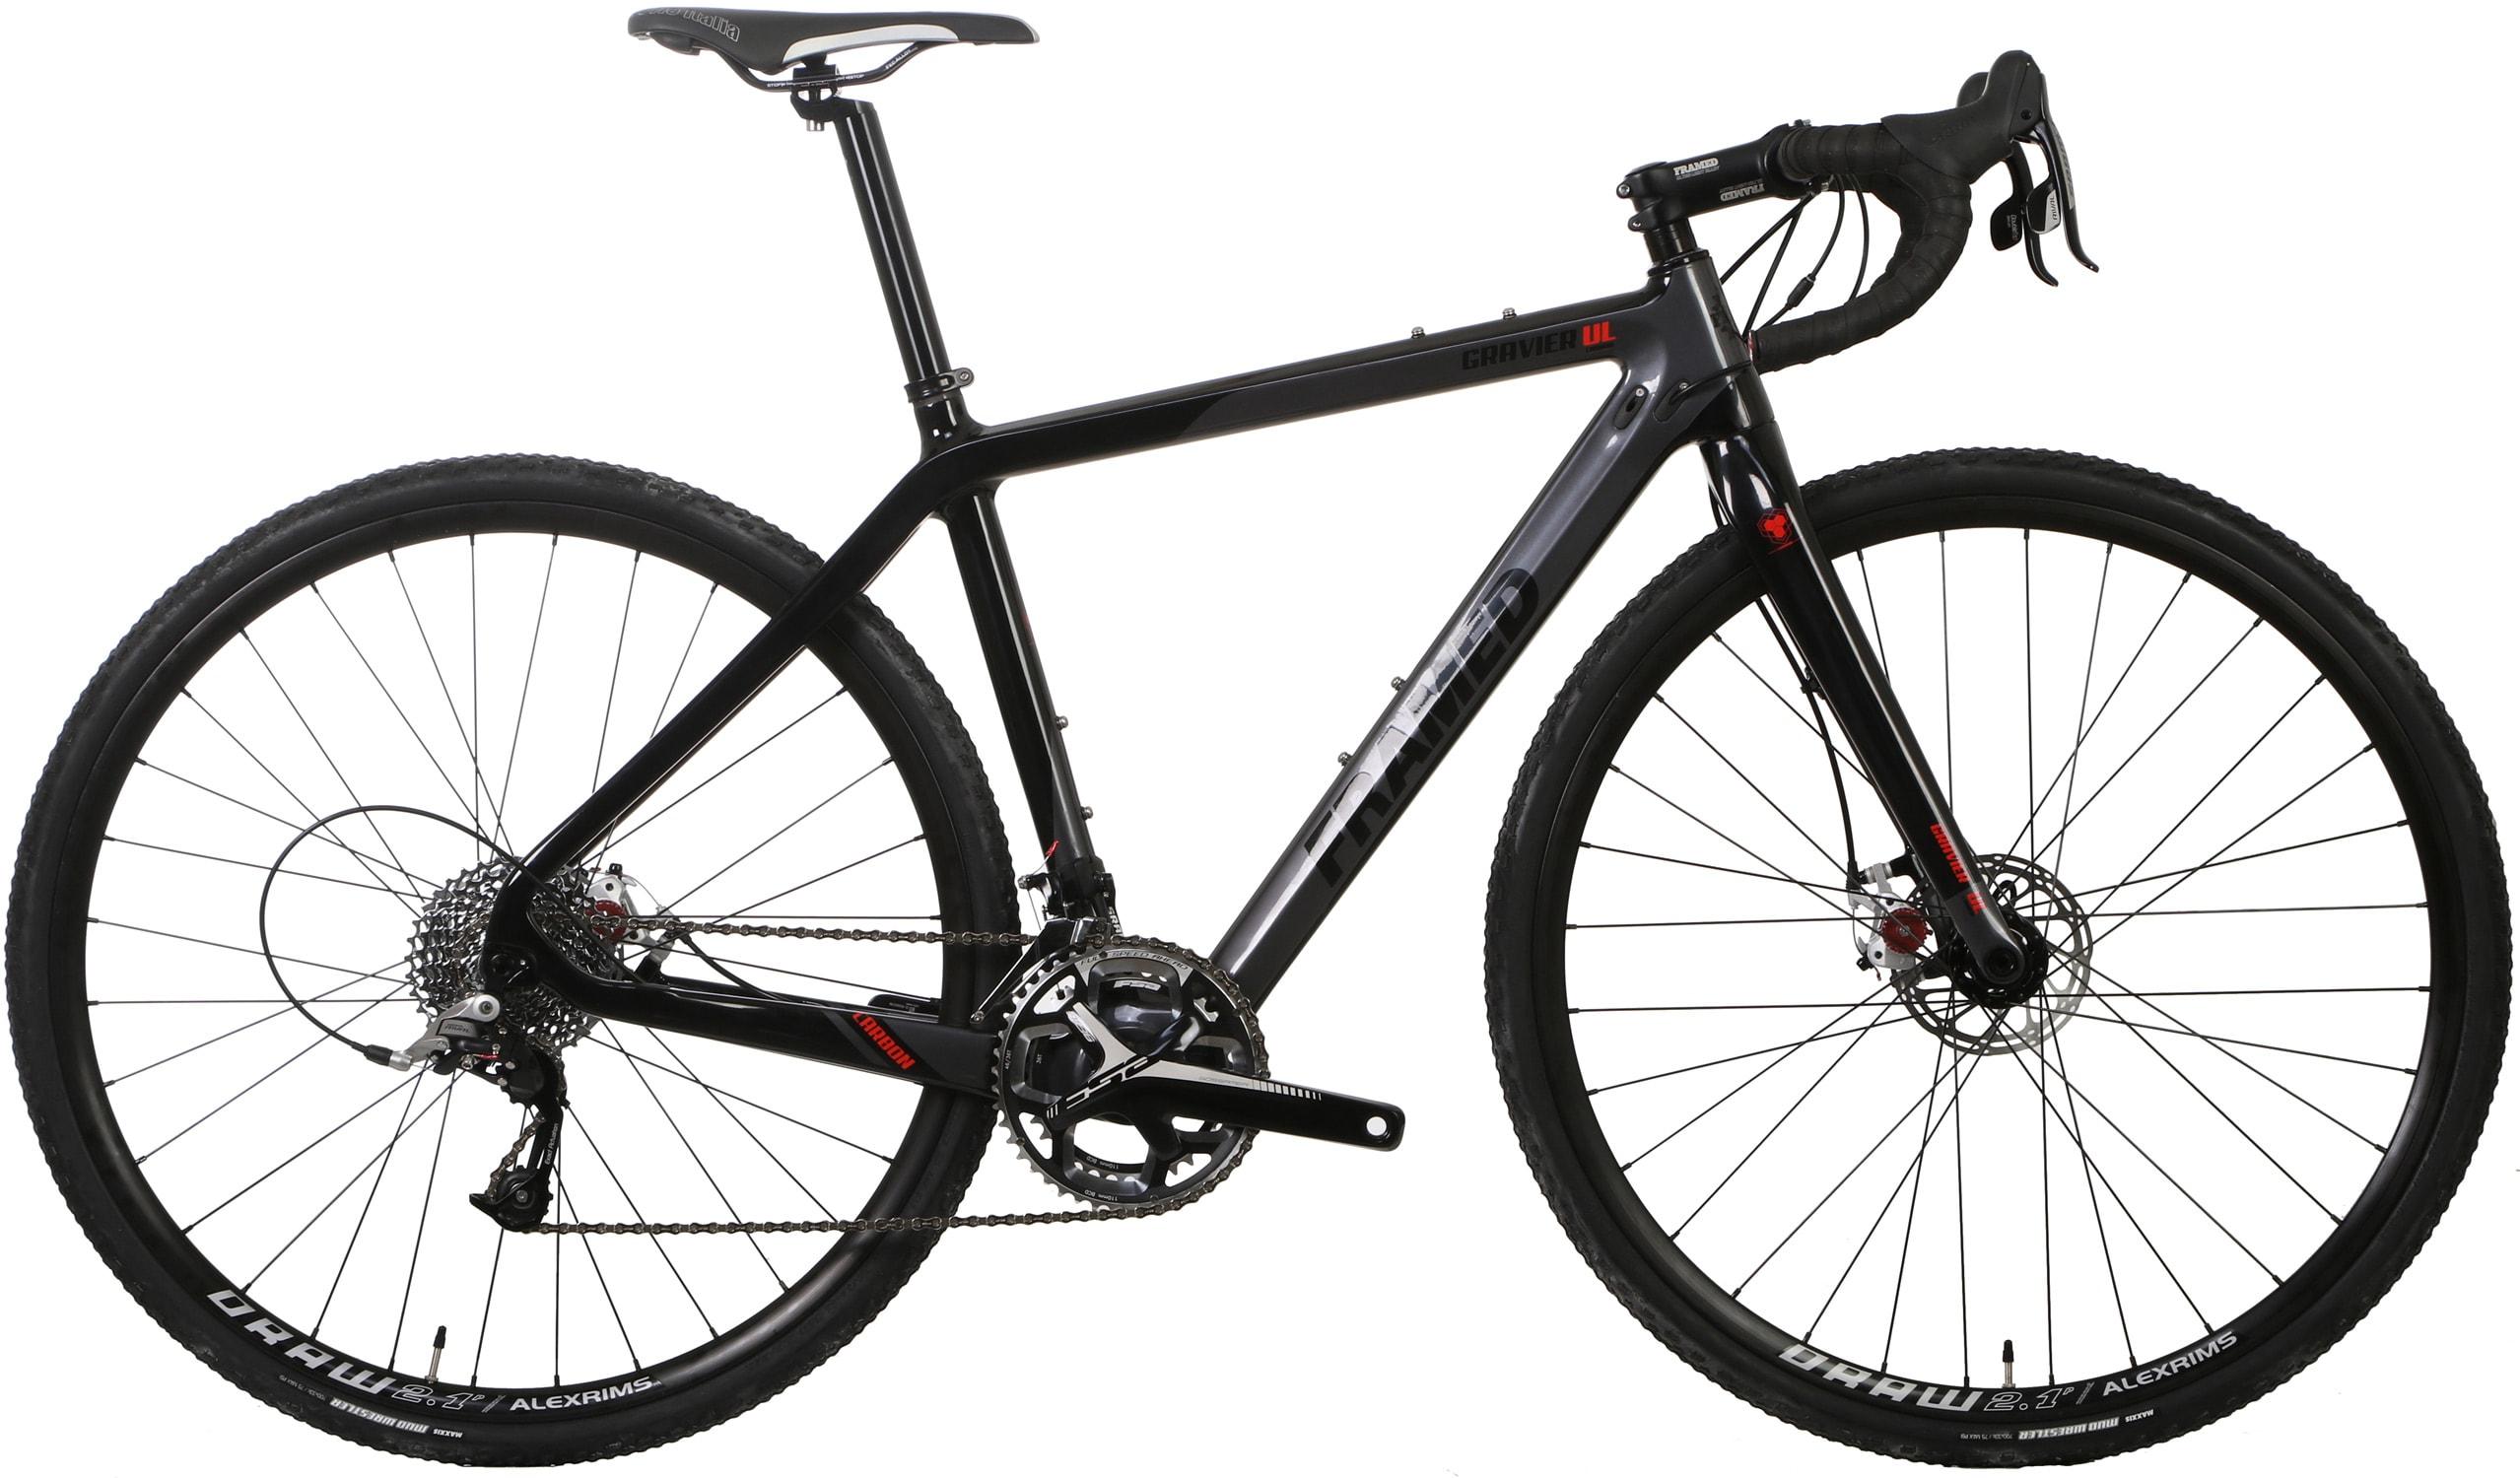 framed gravier carbon gravel road bike rival 22 and. Black Bedroom Furniture Sets. Home Design Ideas